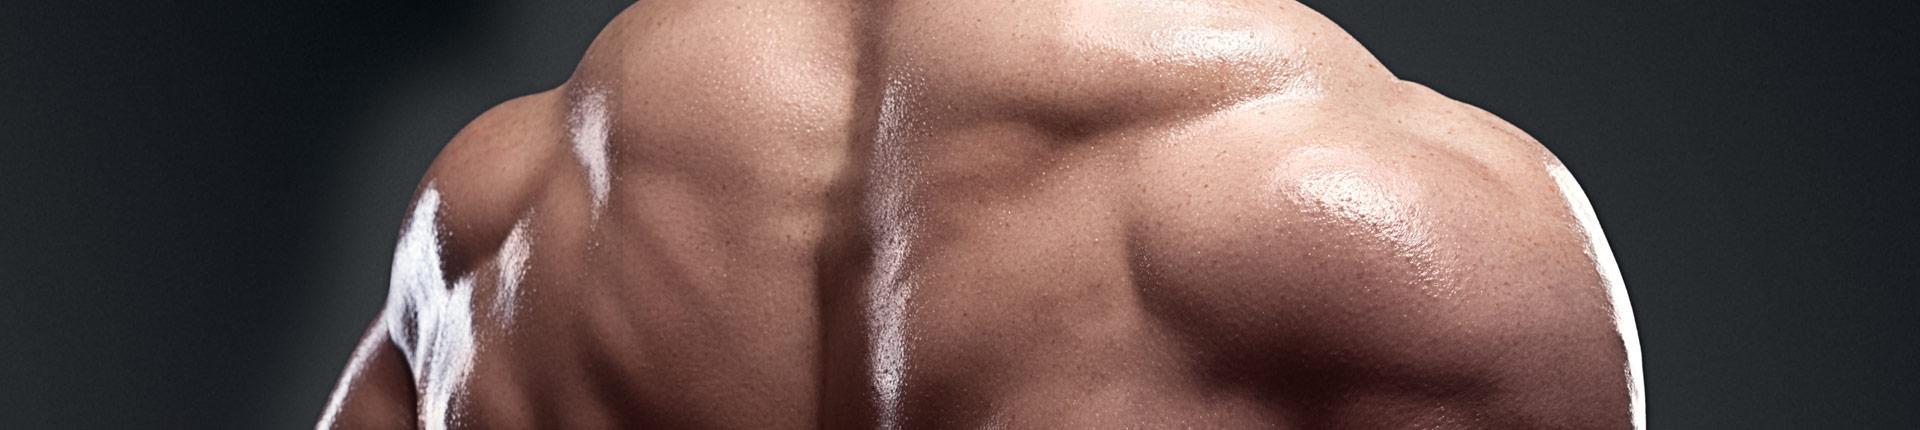 Problemy z barkami? Skup się na mięśniu czworobocznym!